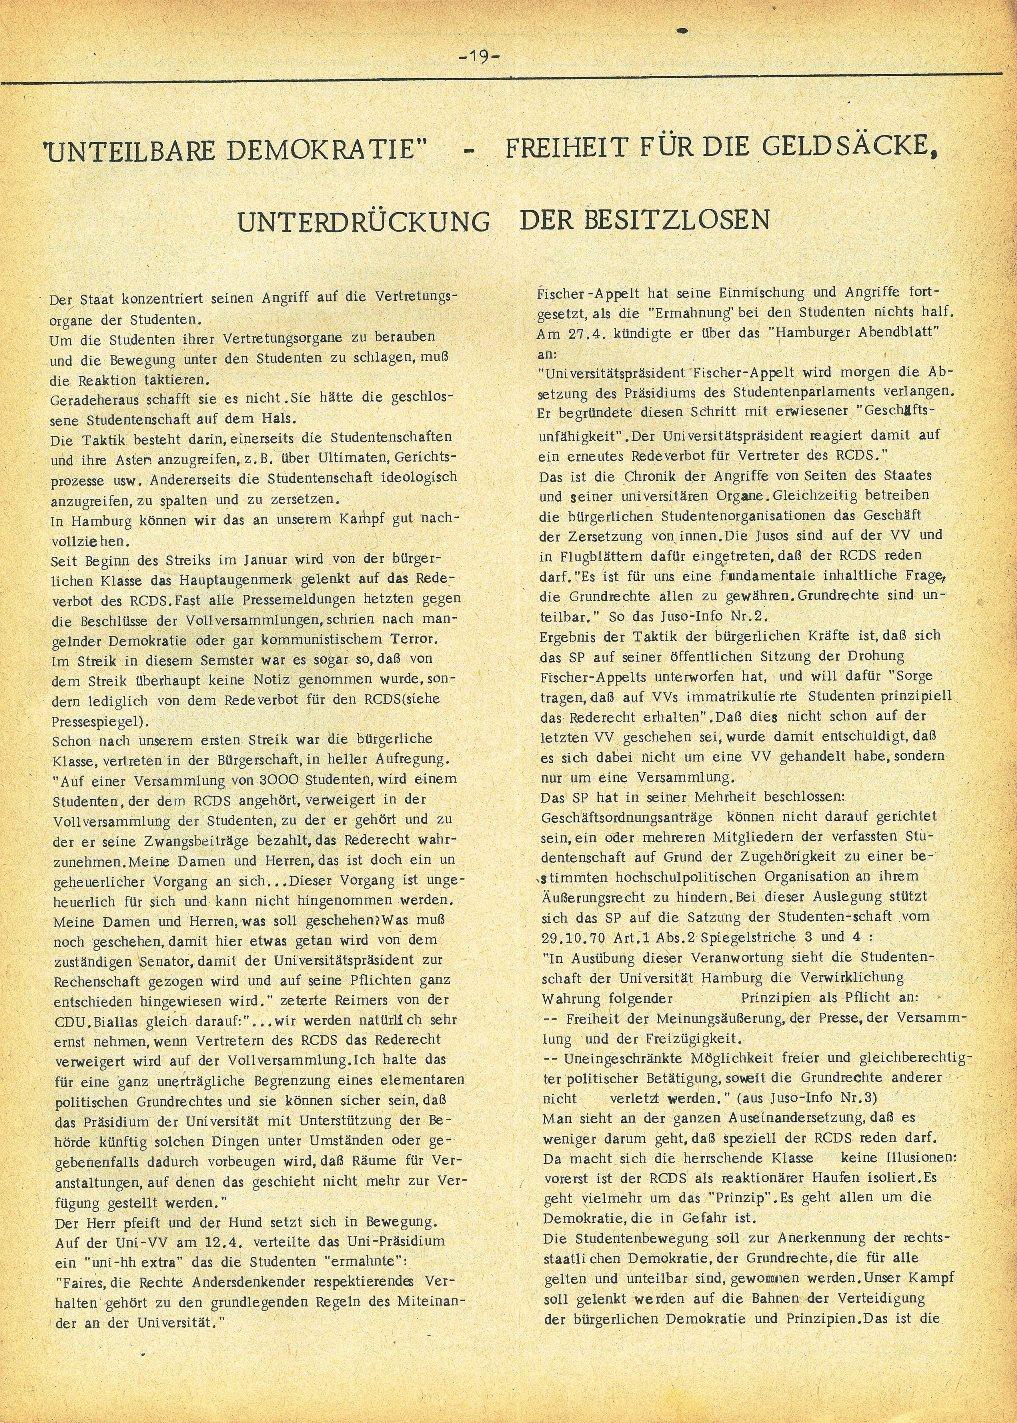 Hamburg_SSG_Regierungsprogramm019